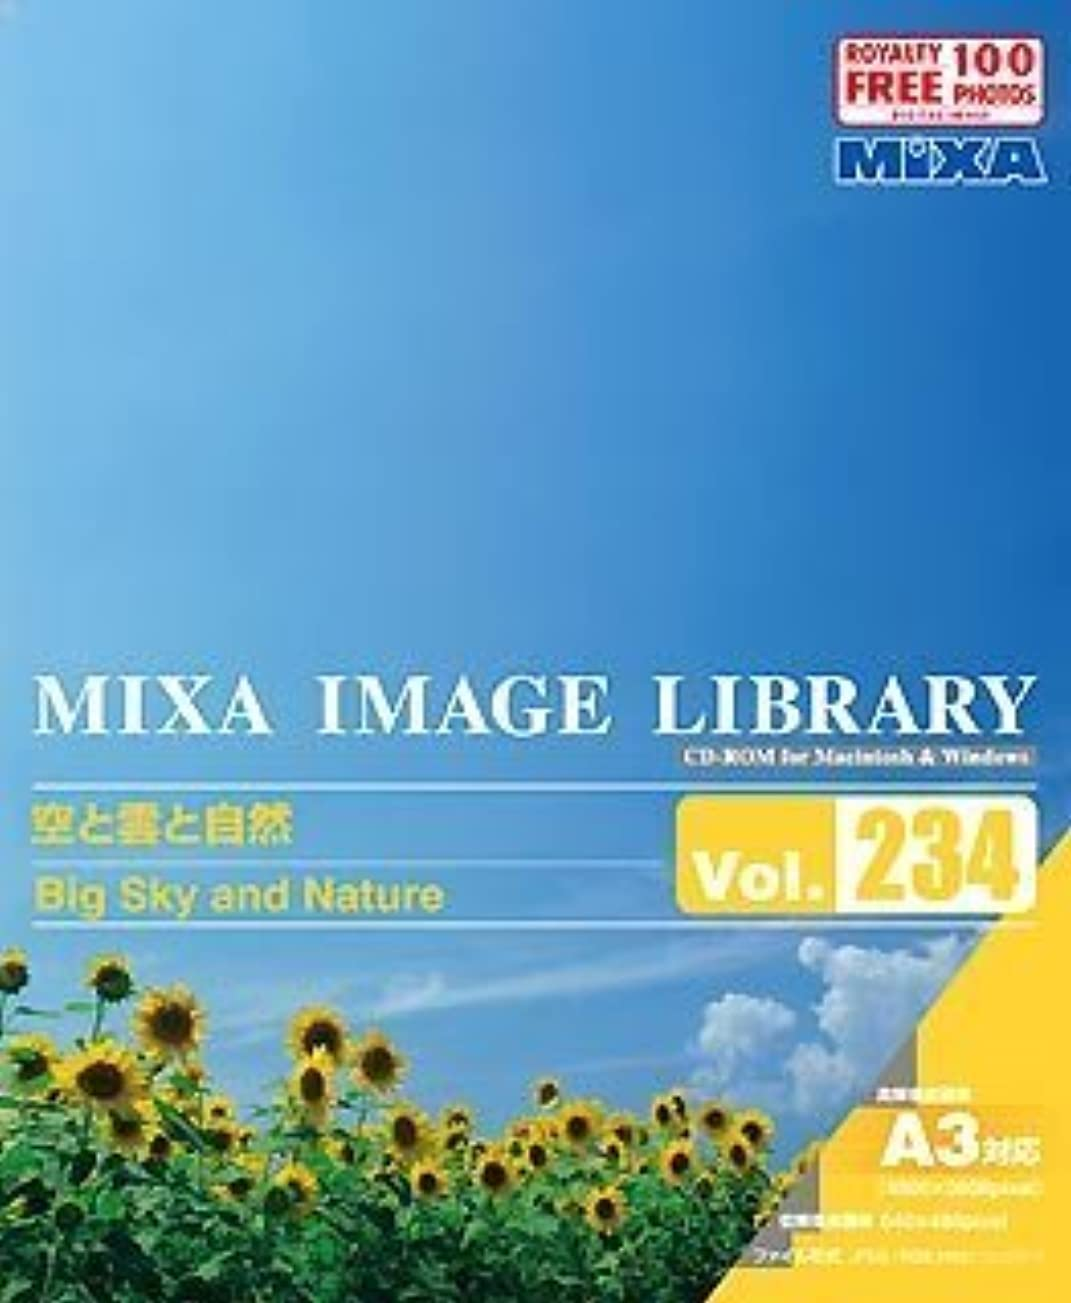 中古剥ぎ取る戦艦MIXA IMAGE LIBRARY Vol.234 空と雲と自然